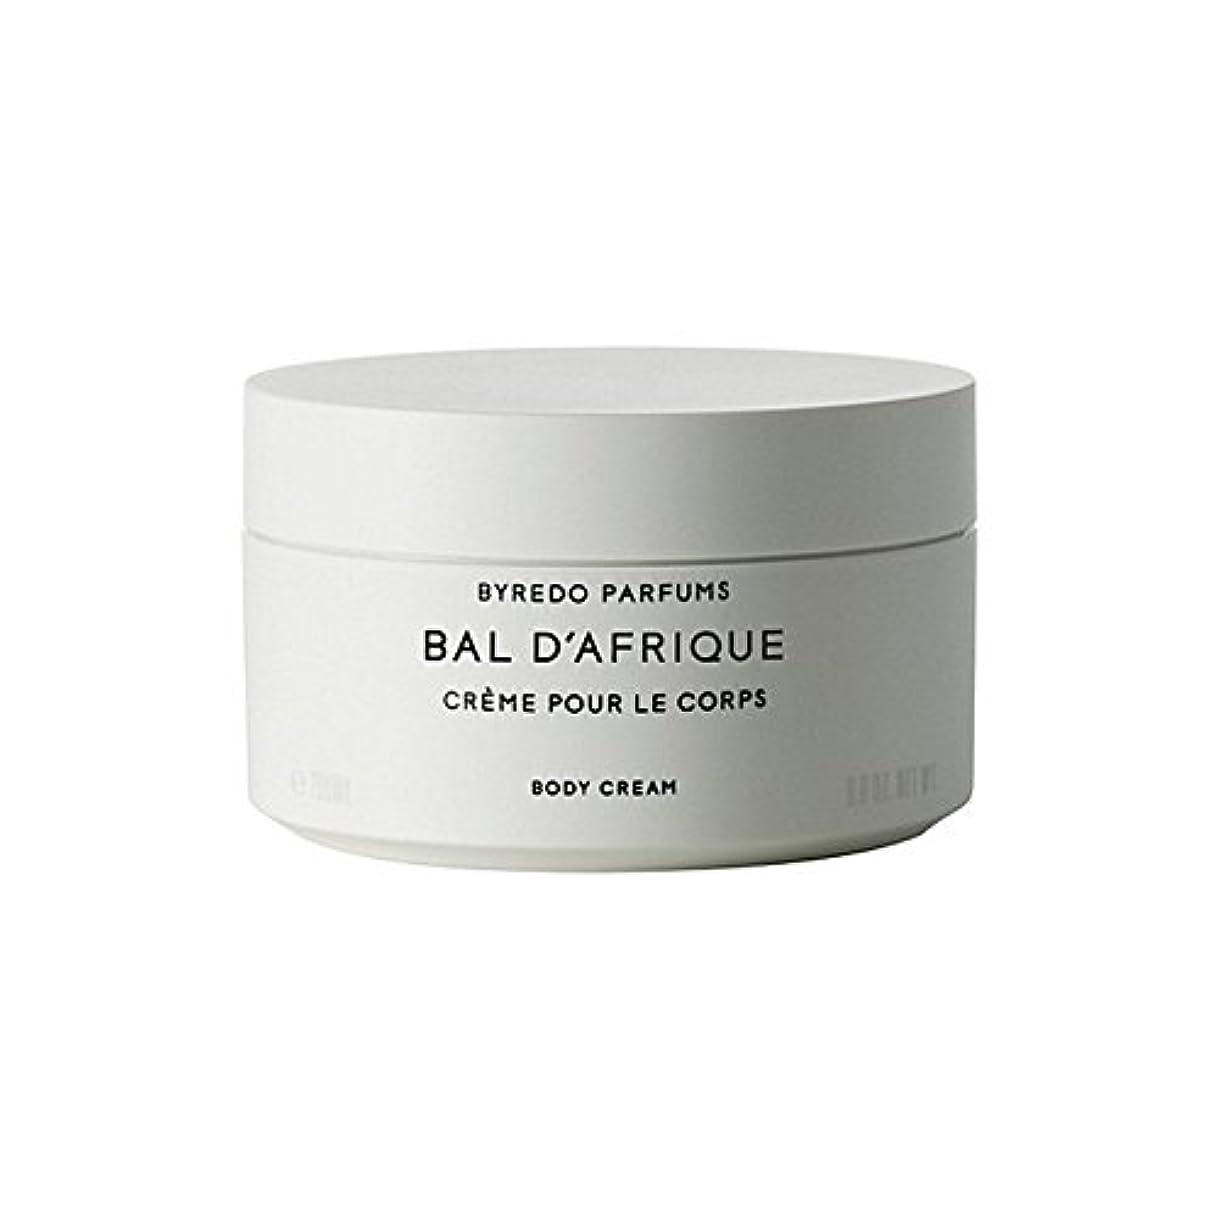 アルファベット順喉が渇いた予備Byredo Bal D'Afrique Body Cream 200ml (Pack of 6) - 'のボディクリーム200ミリリットル x6 [並行輸入品]